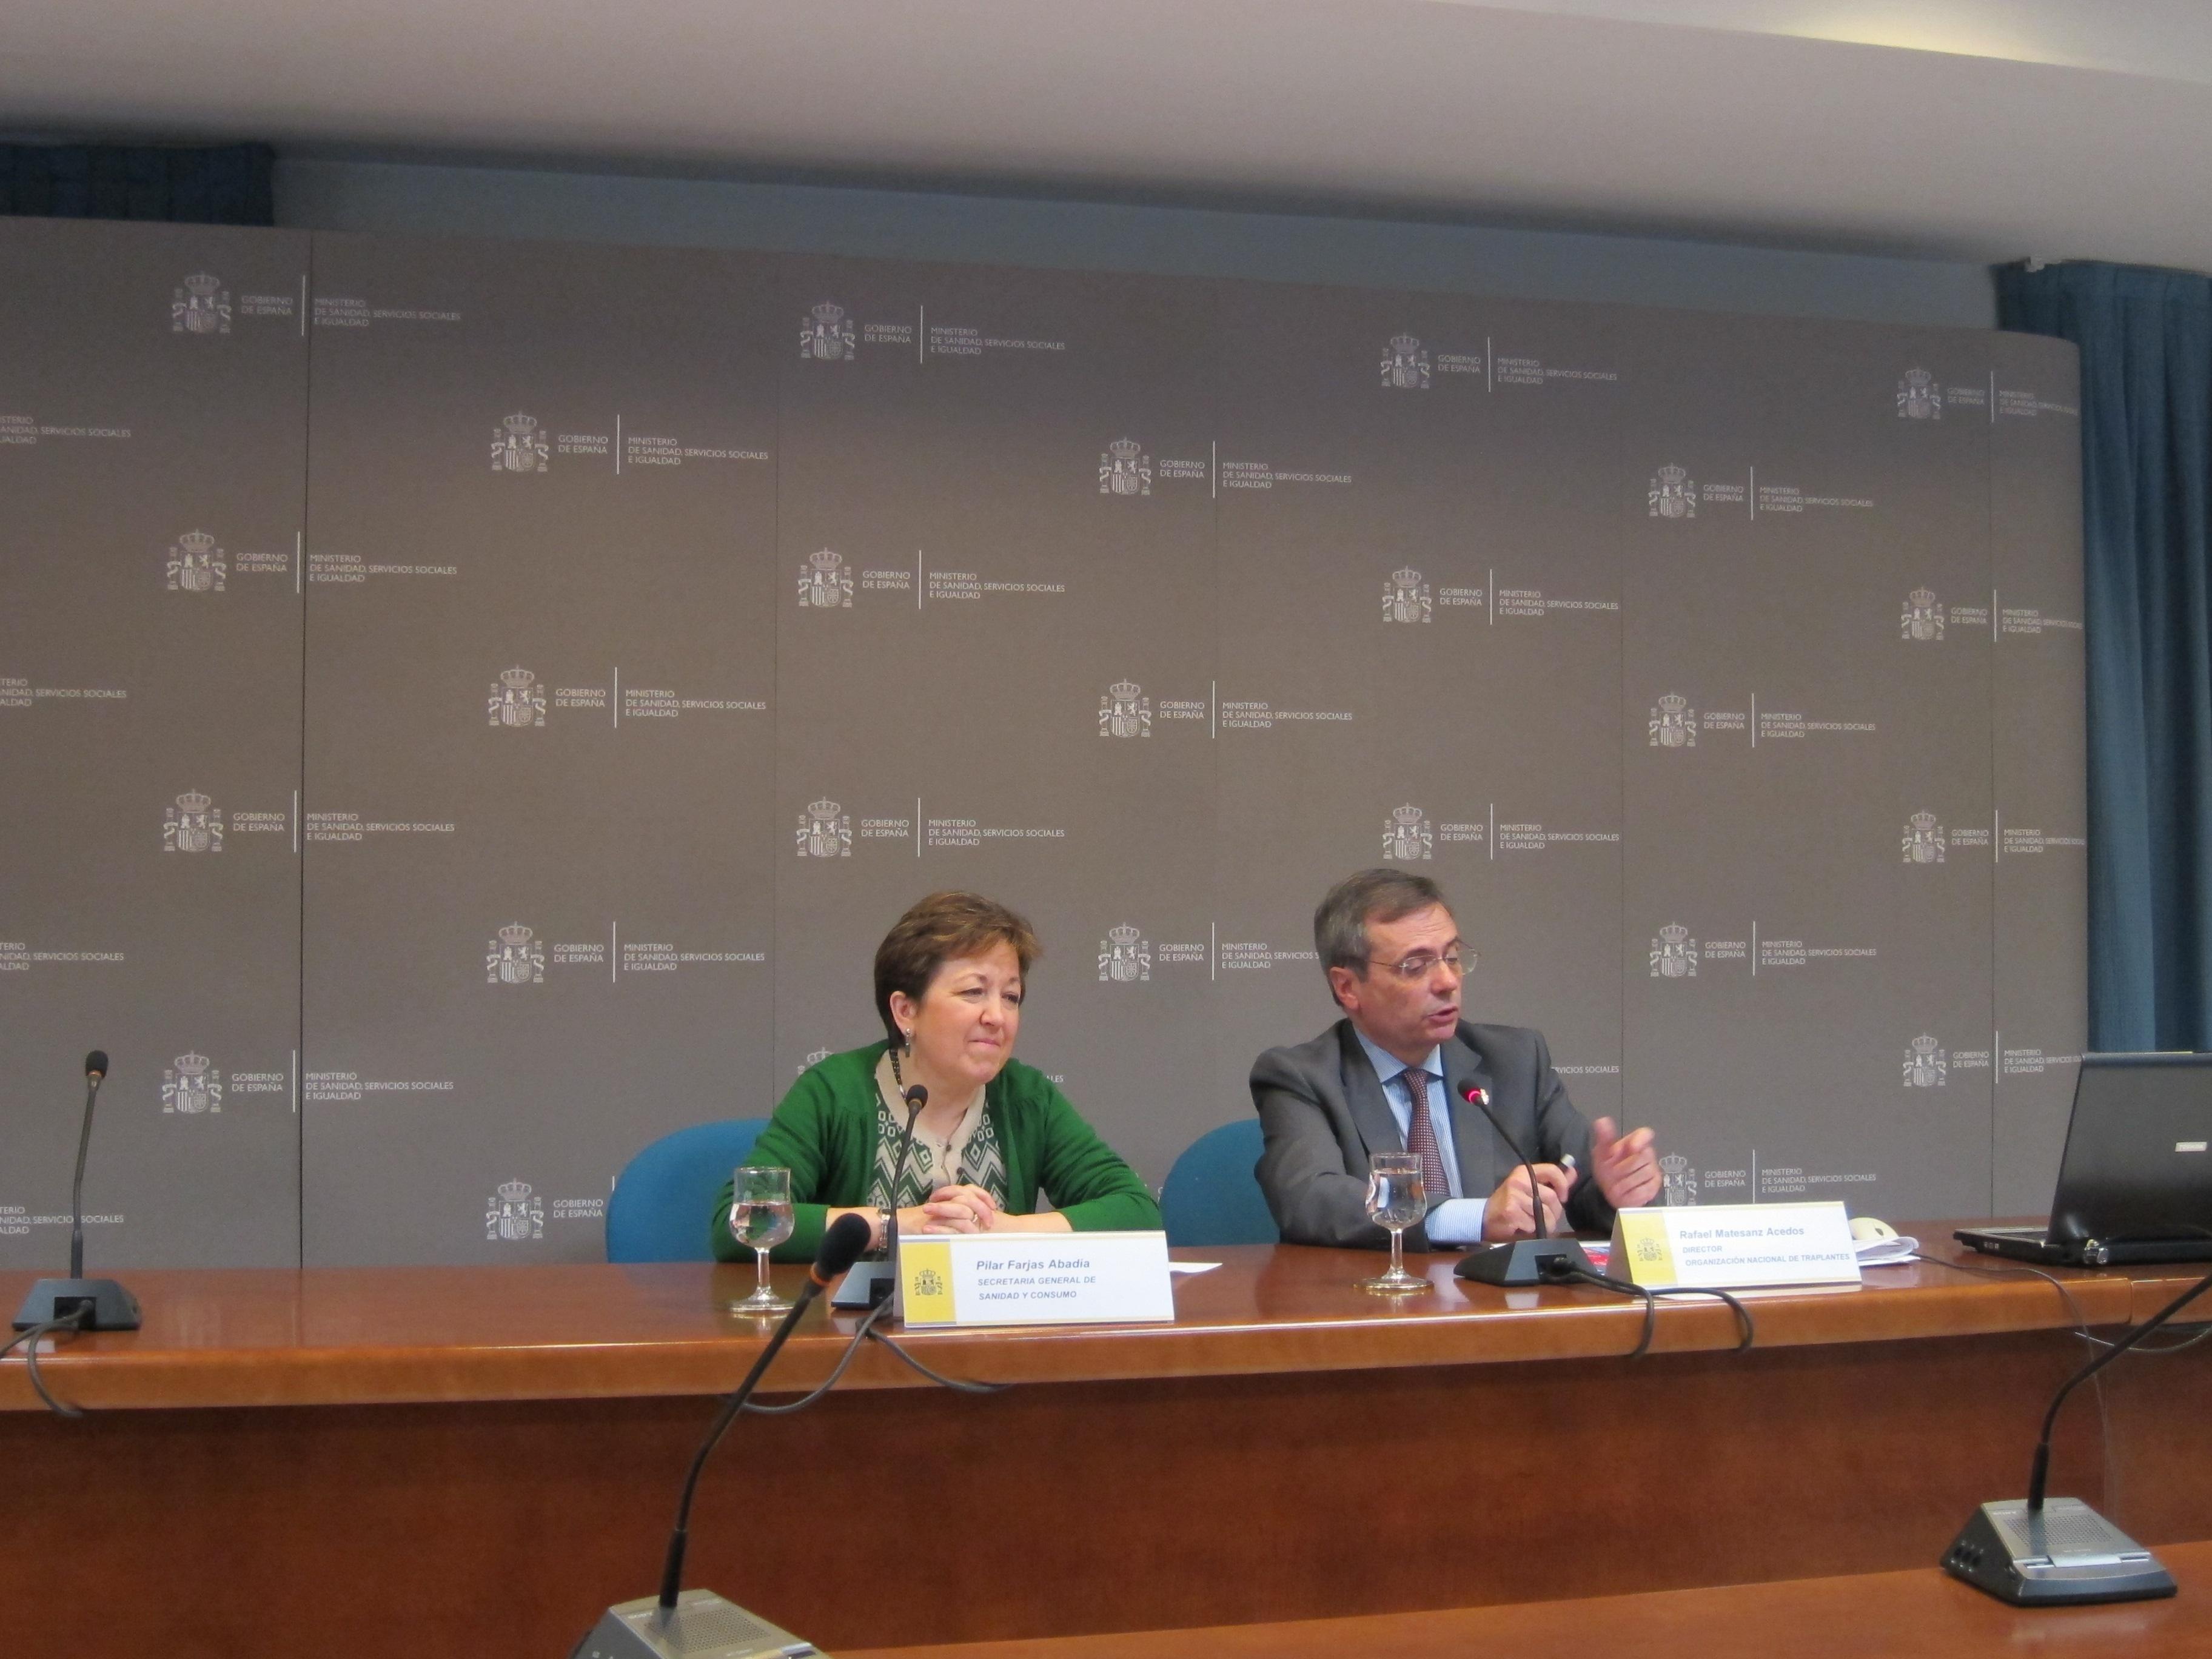 Extremadura registra en 2012 una tasa de 28 donantes por millón de población